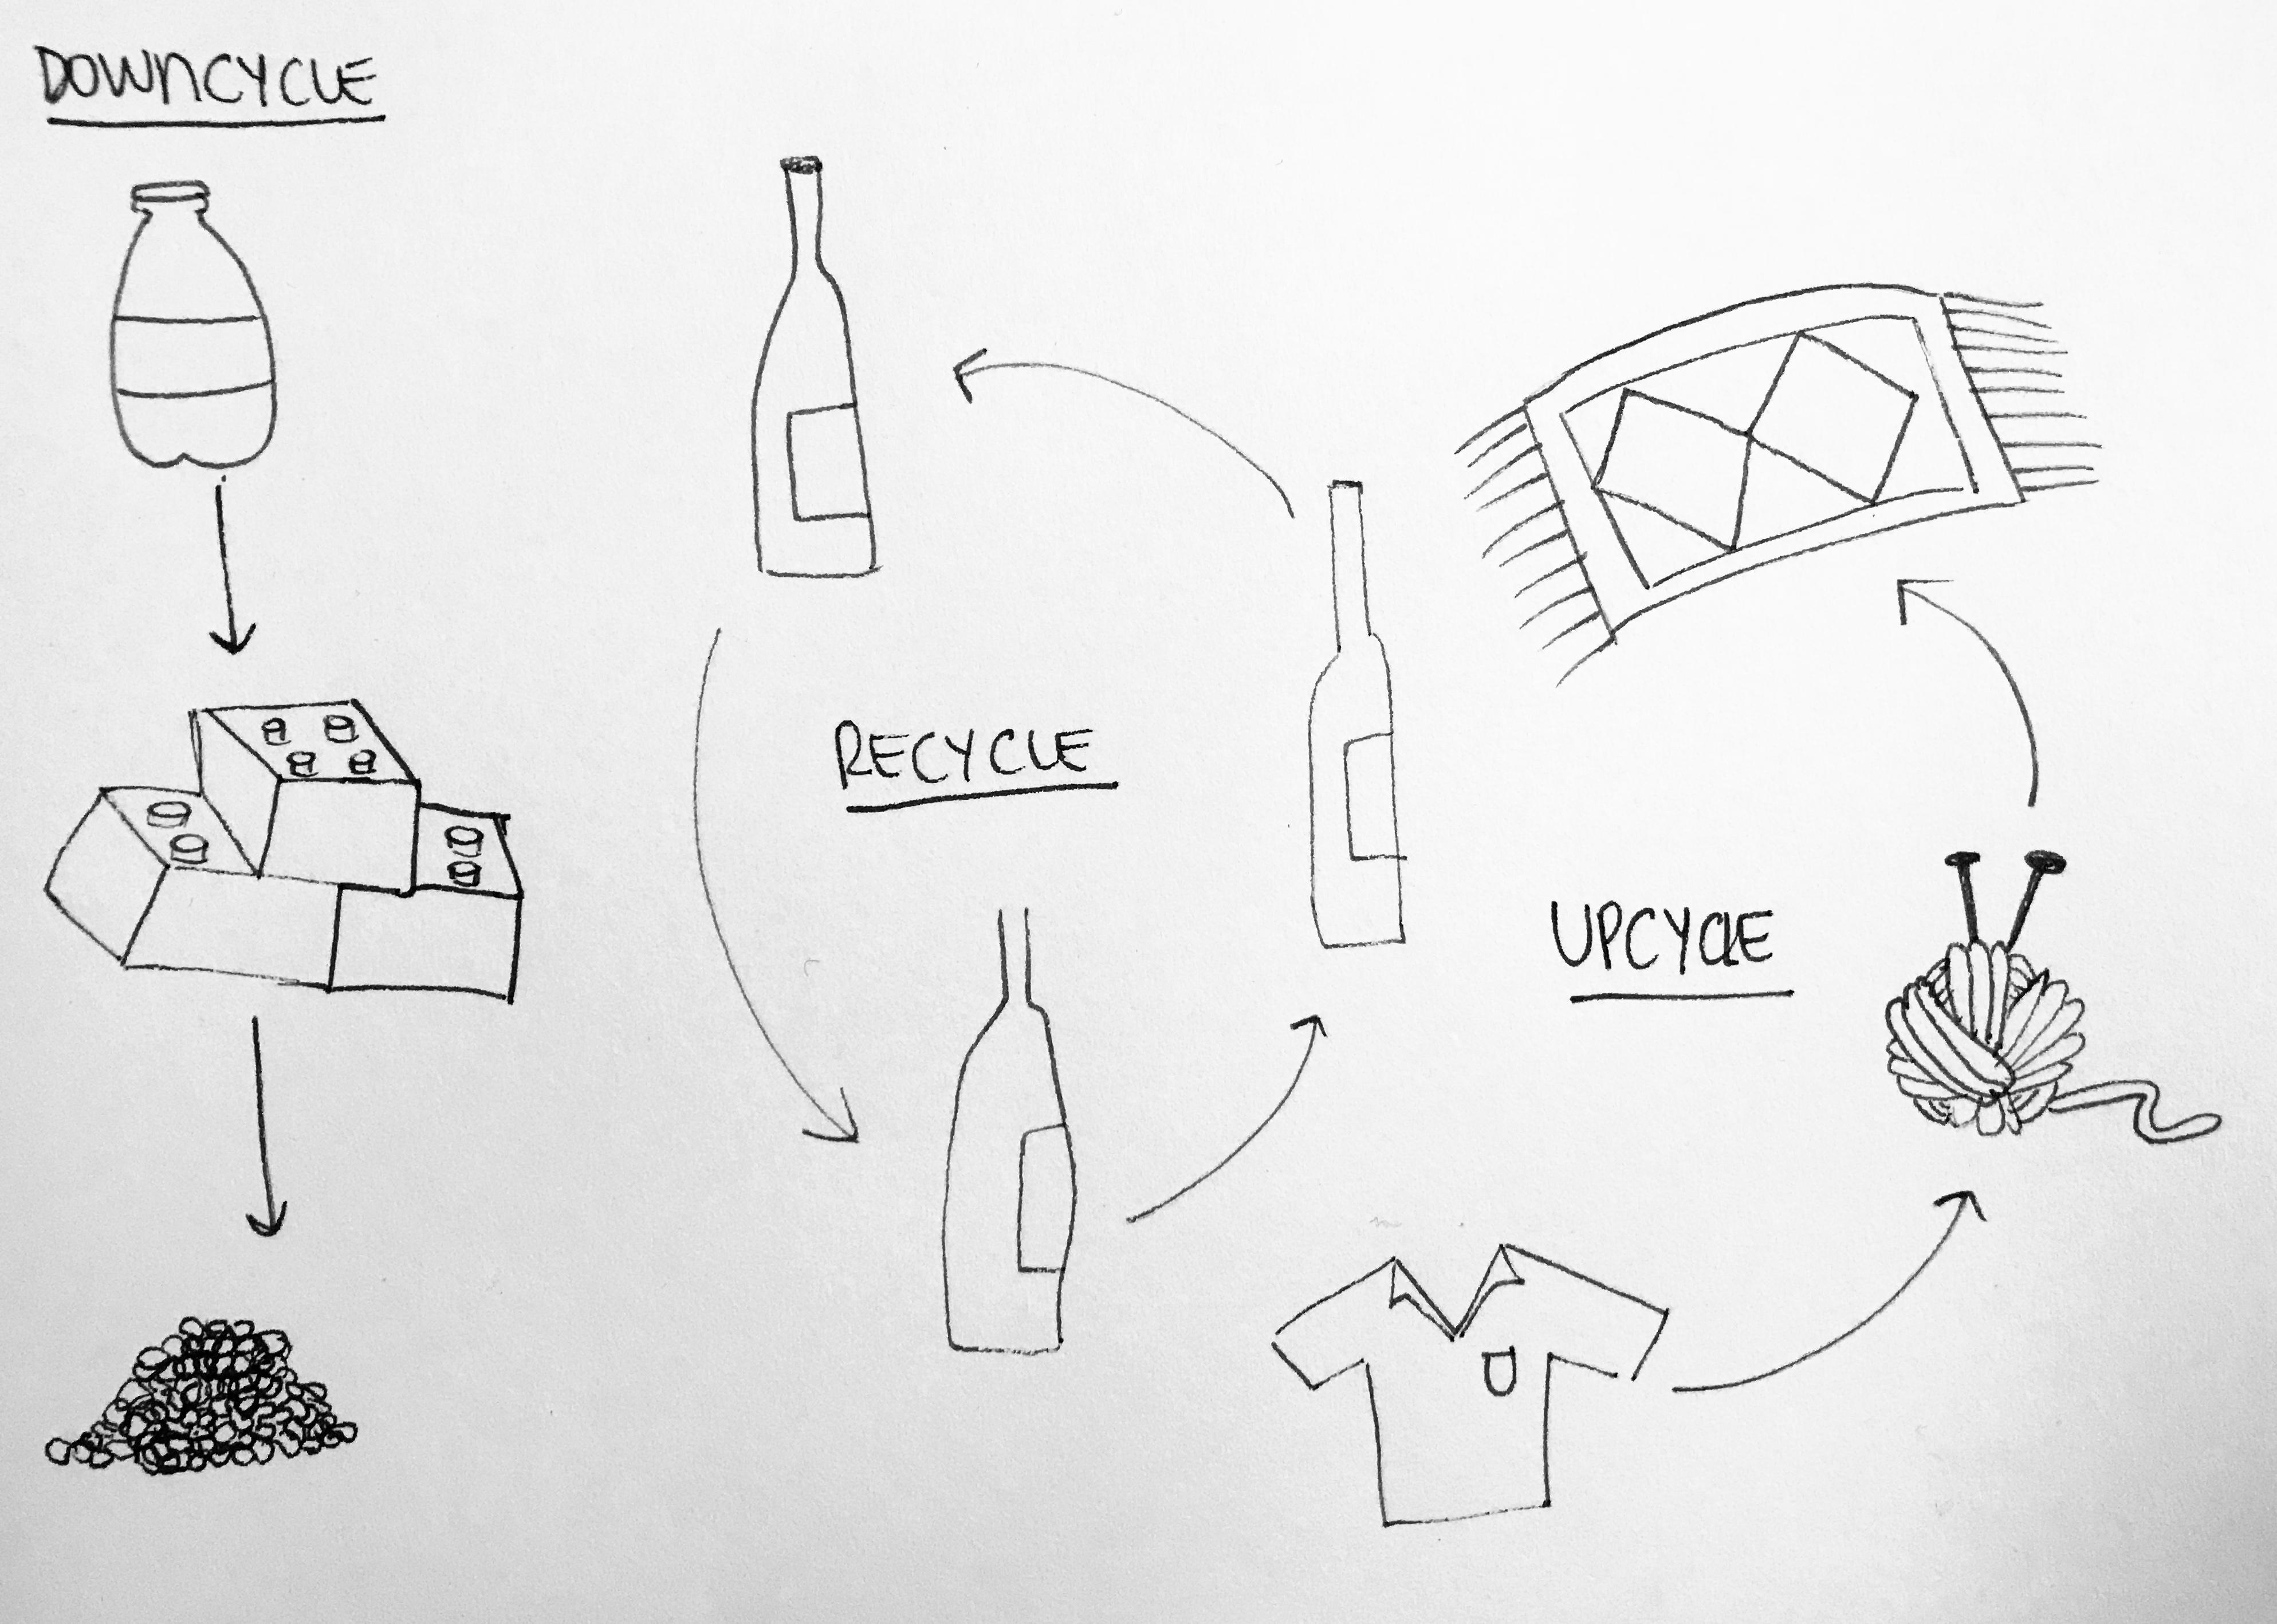 ¿Cuál es la diferencia entre recycle, upcycle y downcycle?